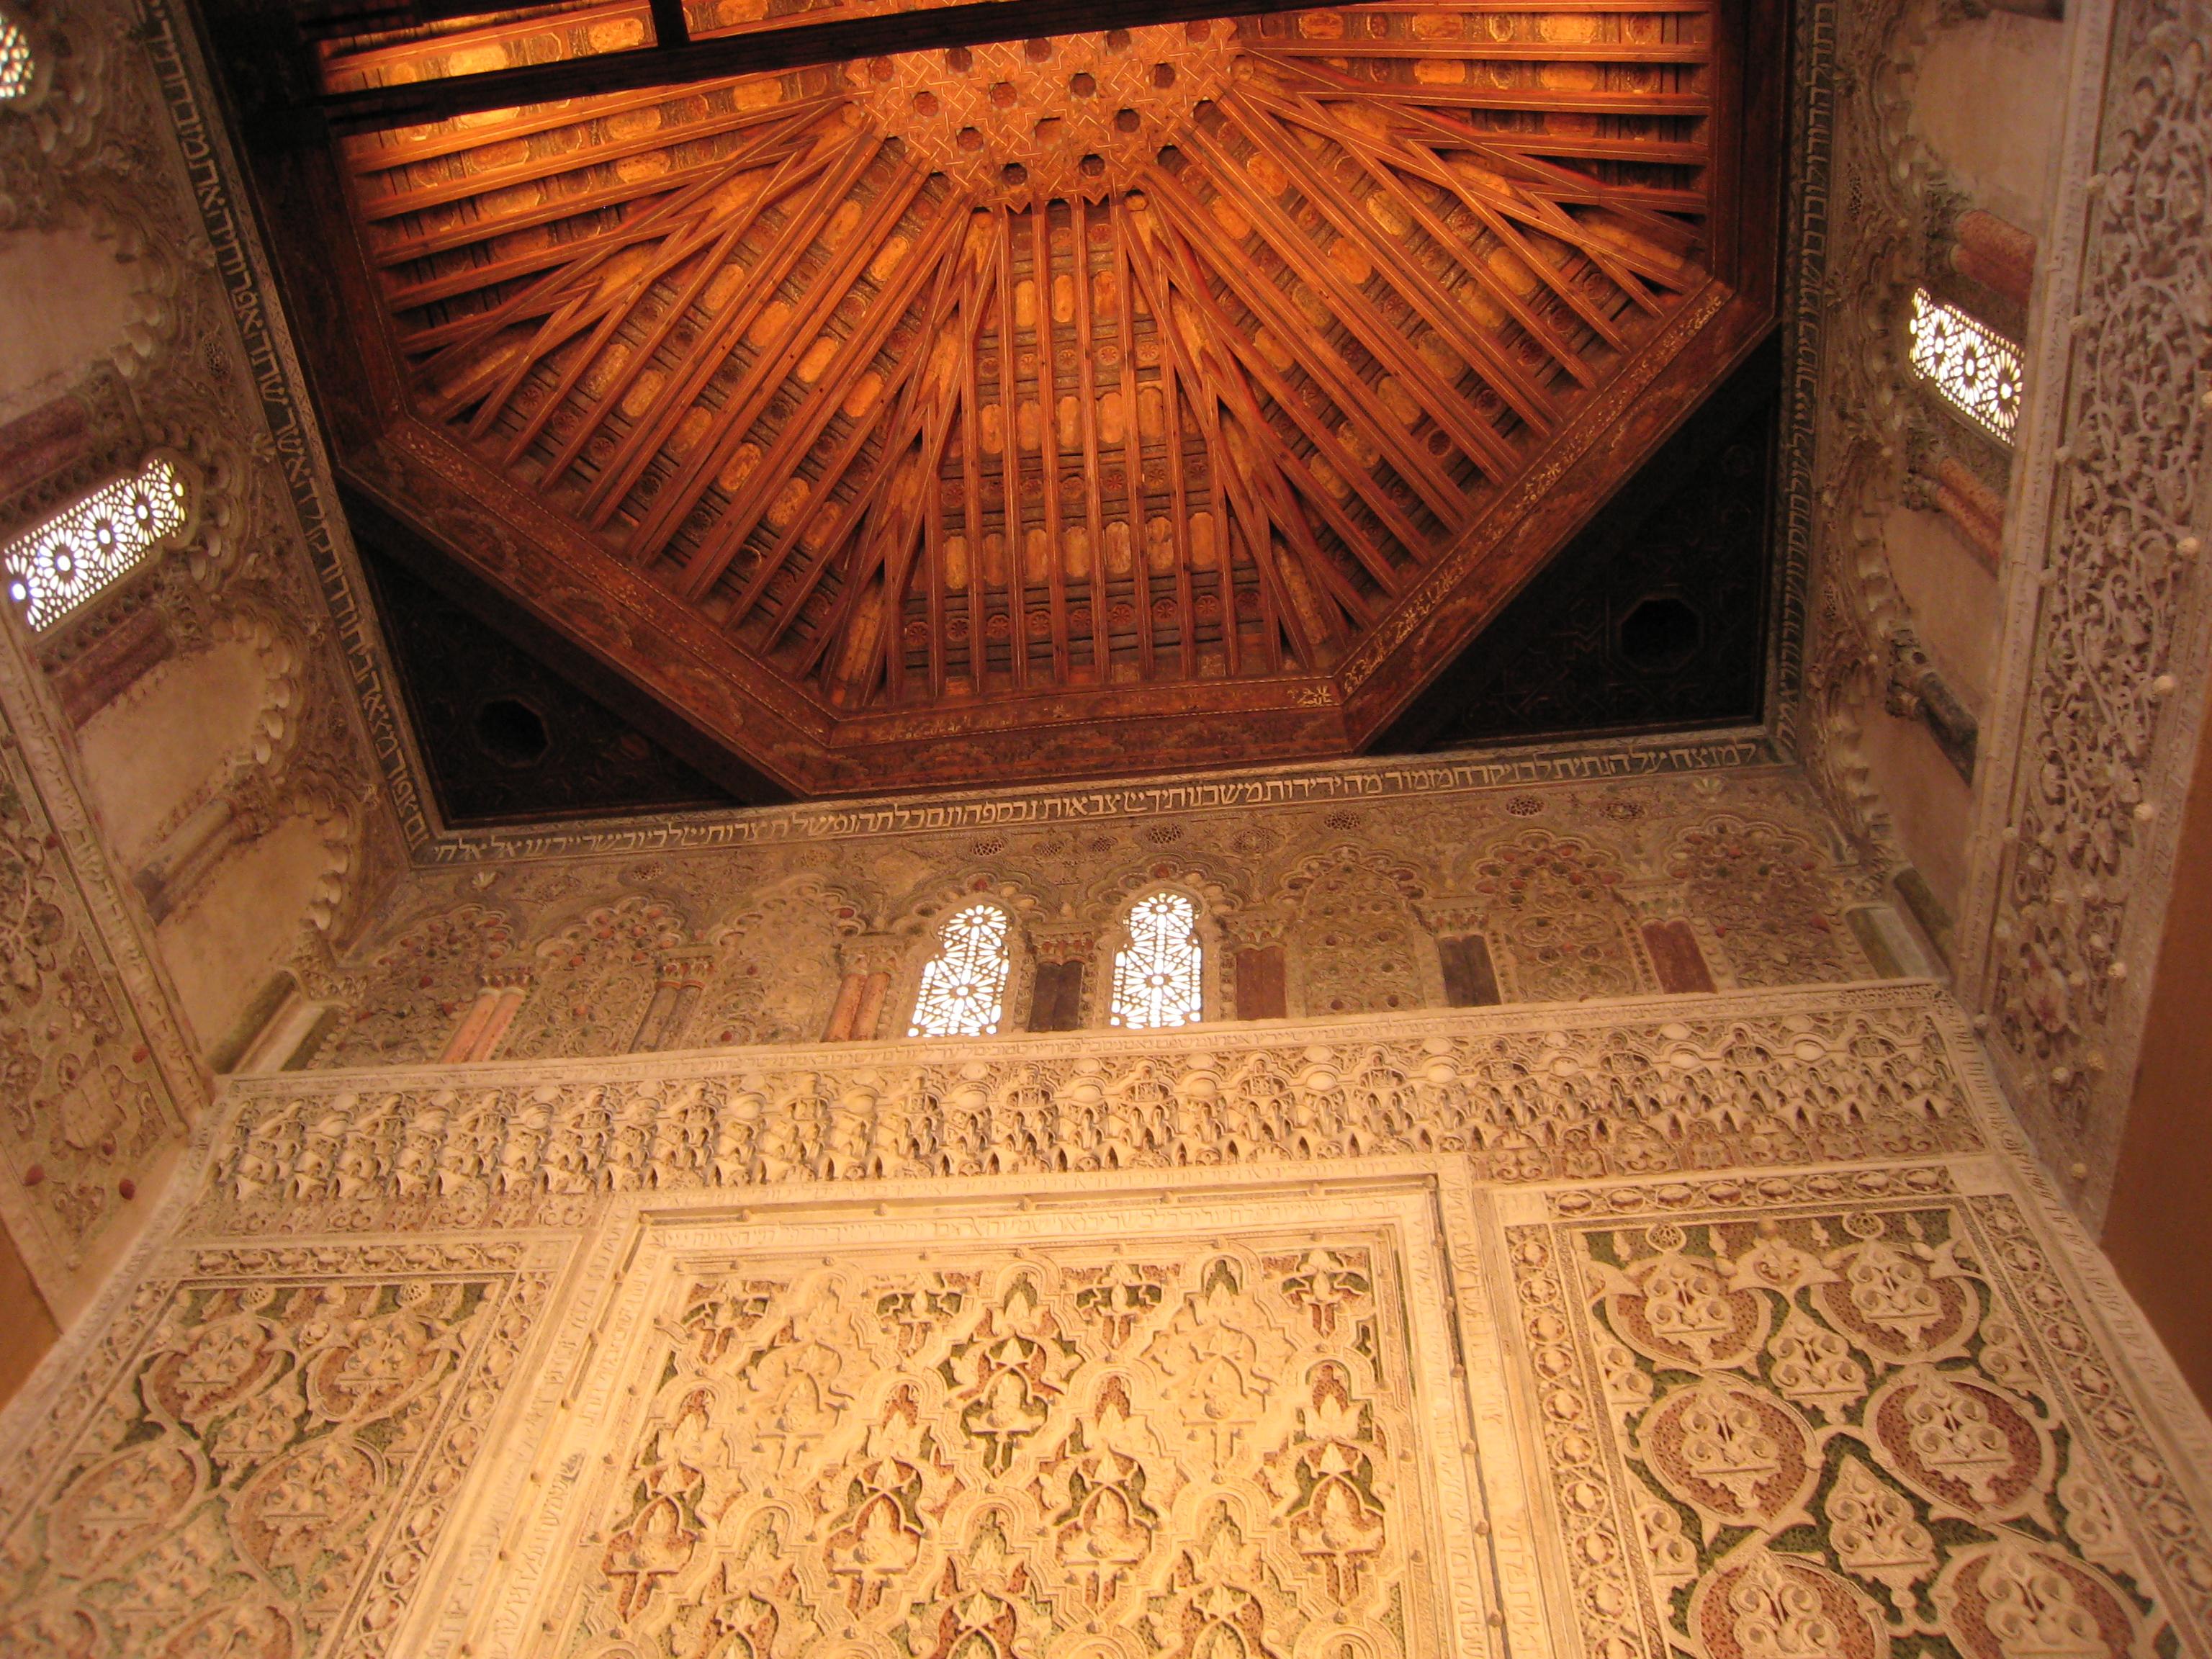 File:Sinagoga del Tránsito interior2.jpg - Wikimedia Commons